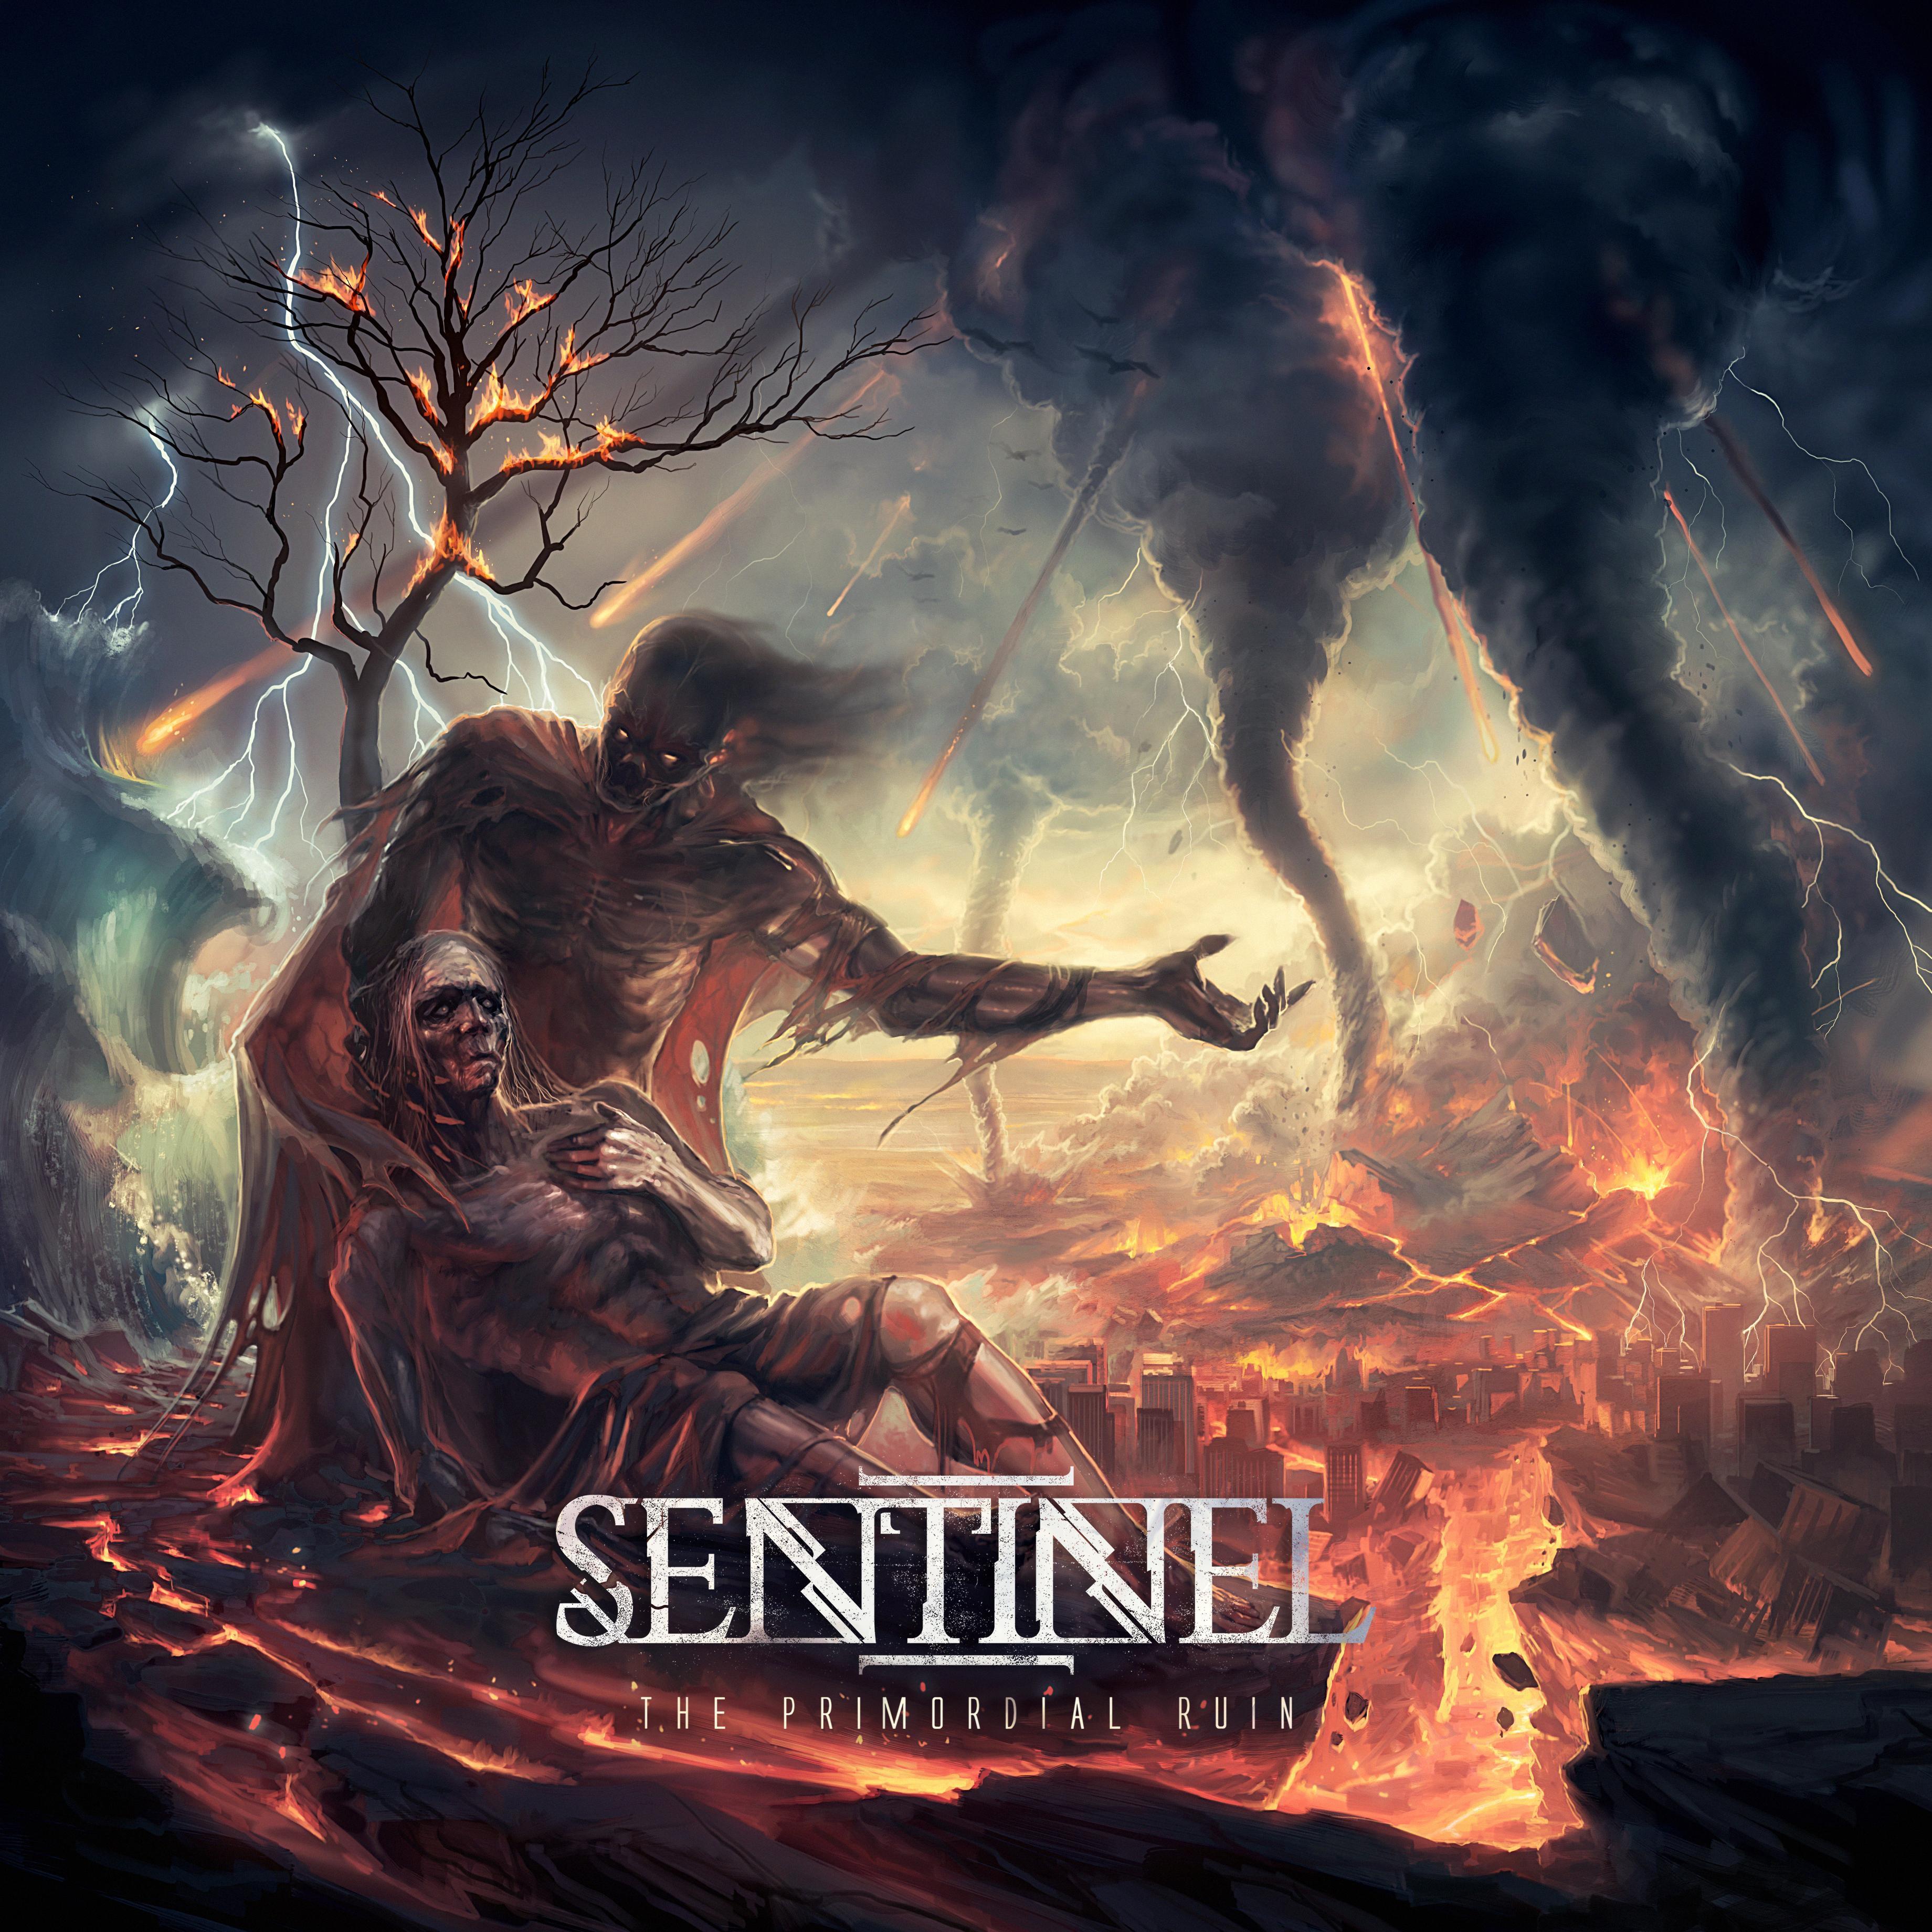 Sentinel - The Primordial Ruin [EP] (2015)